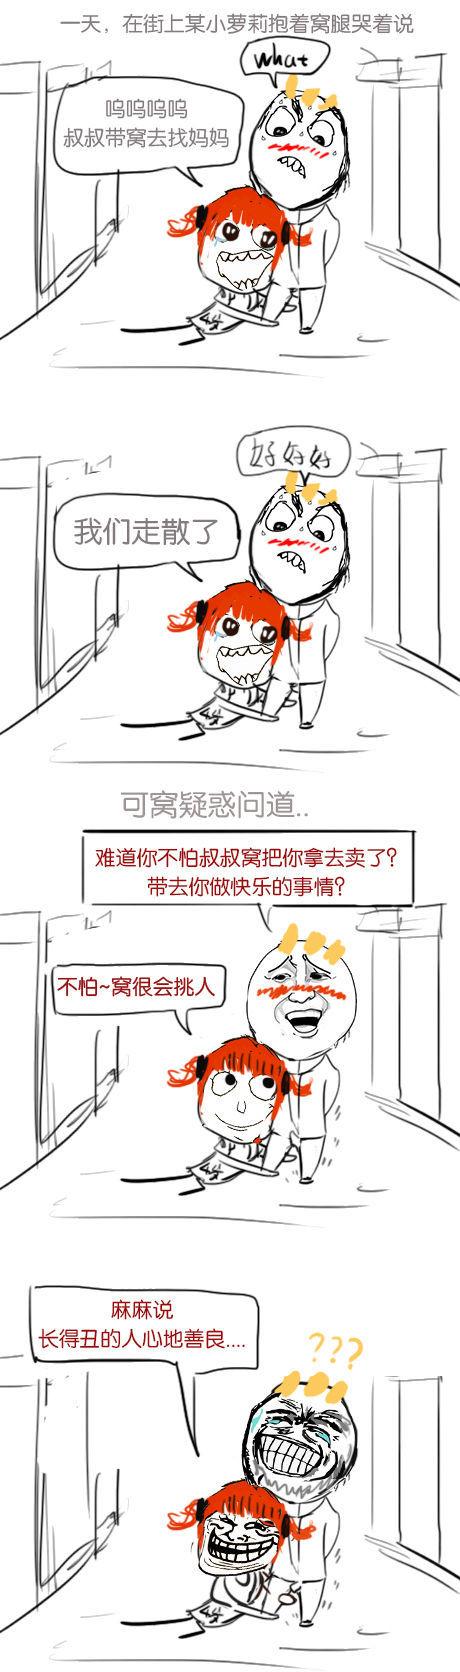 暴走漫画:禽兽!妹子都不省人事了你竟然..暴走漫画【954辑】